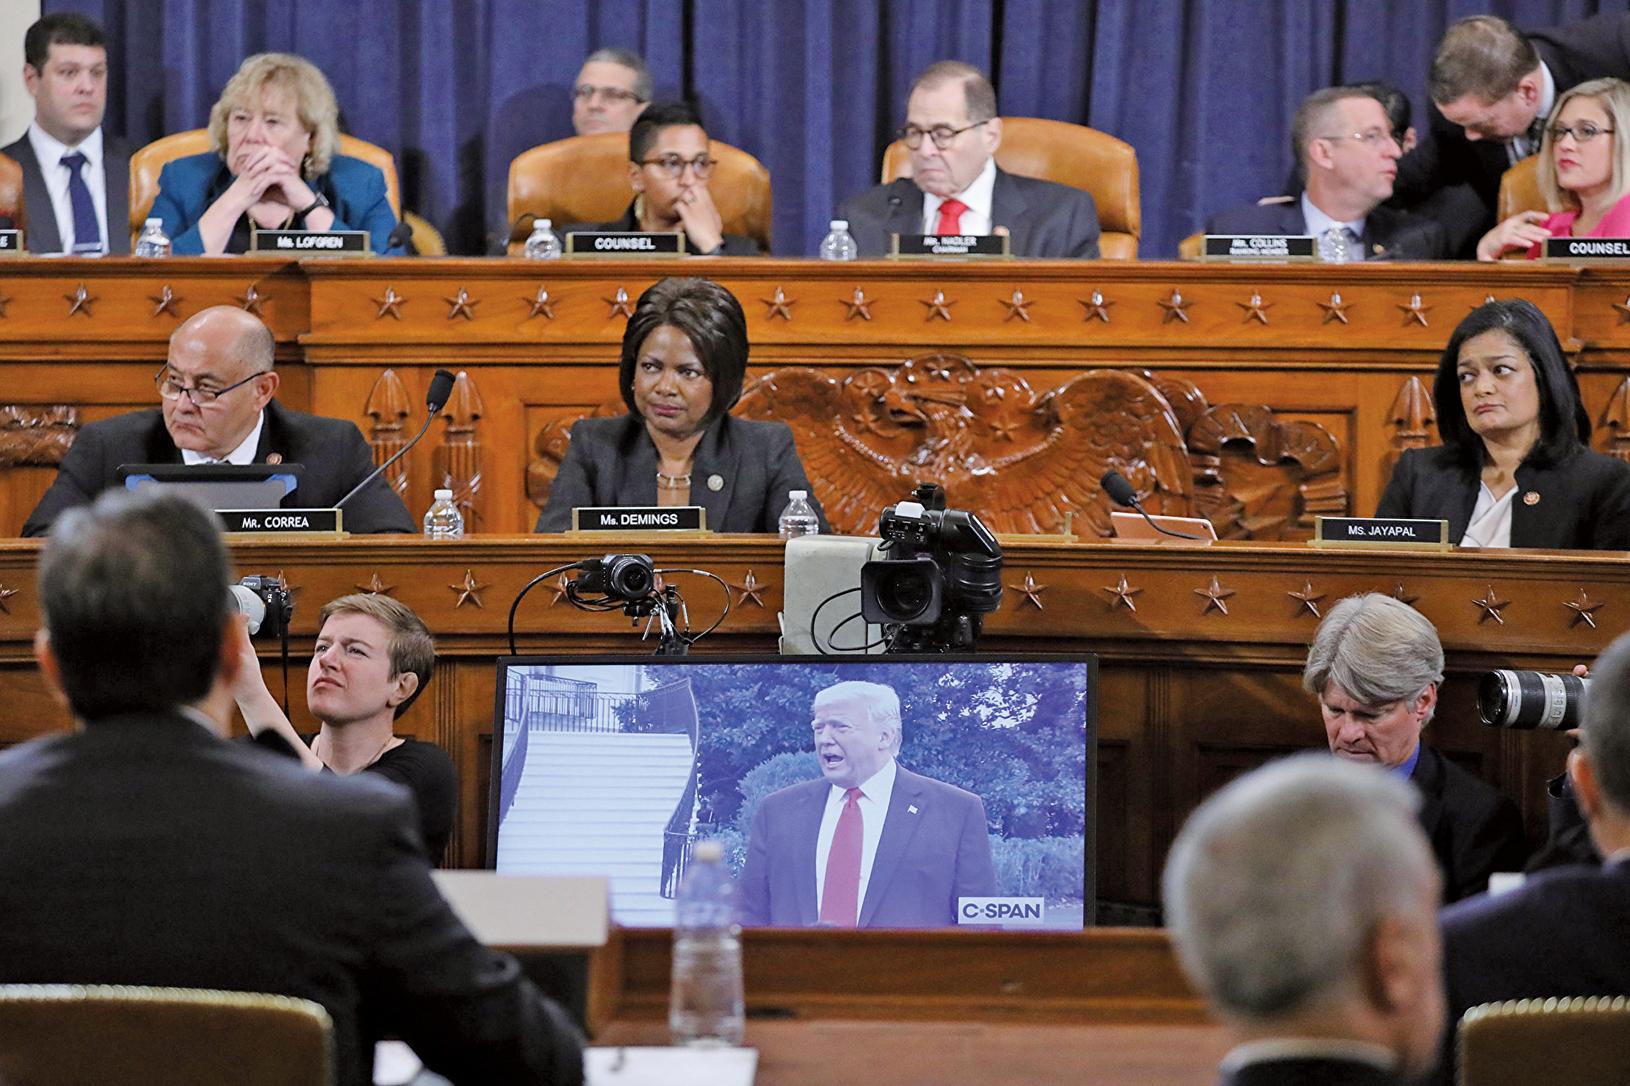 美國眾議院司法委員會12月9日進行彈劾總統特朗普調查的第二場公開聽證,兩黨律師受邀出席。圖為民主黨代表律師使用剪輯後的特朗普公開發言作為呈堂證據。(Getty Images)